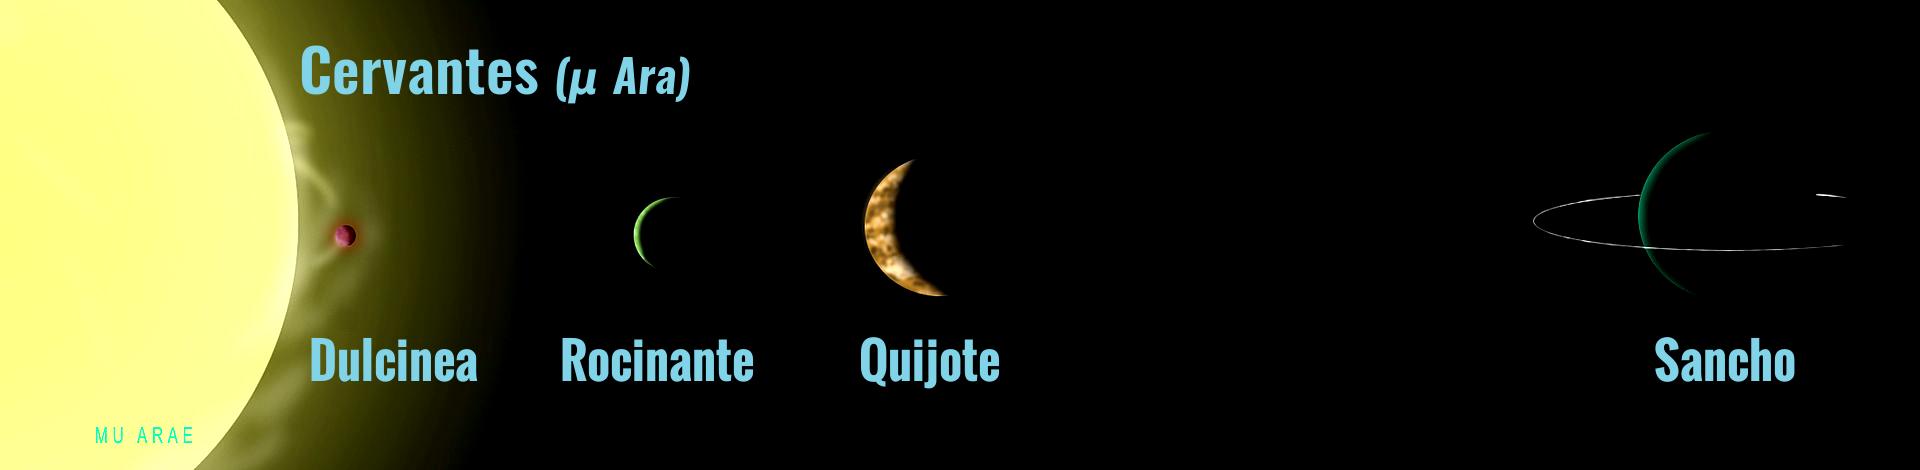 Imagen por estrellacervantes.com